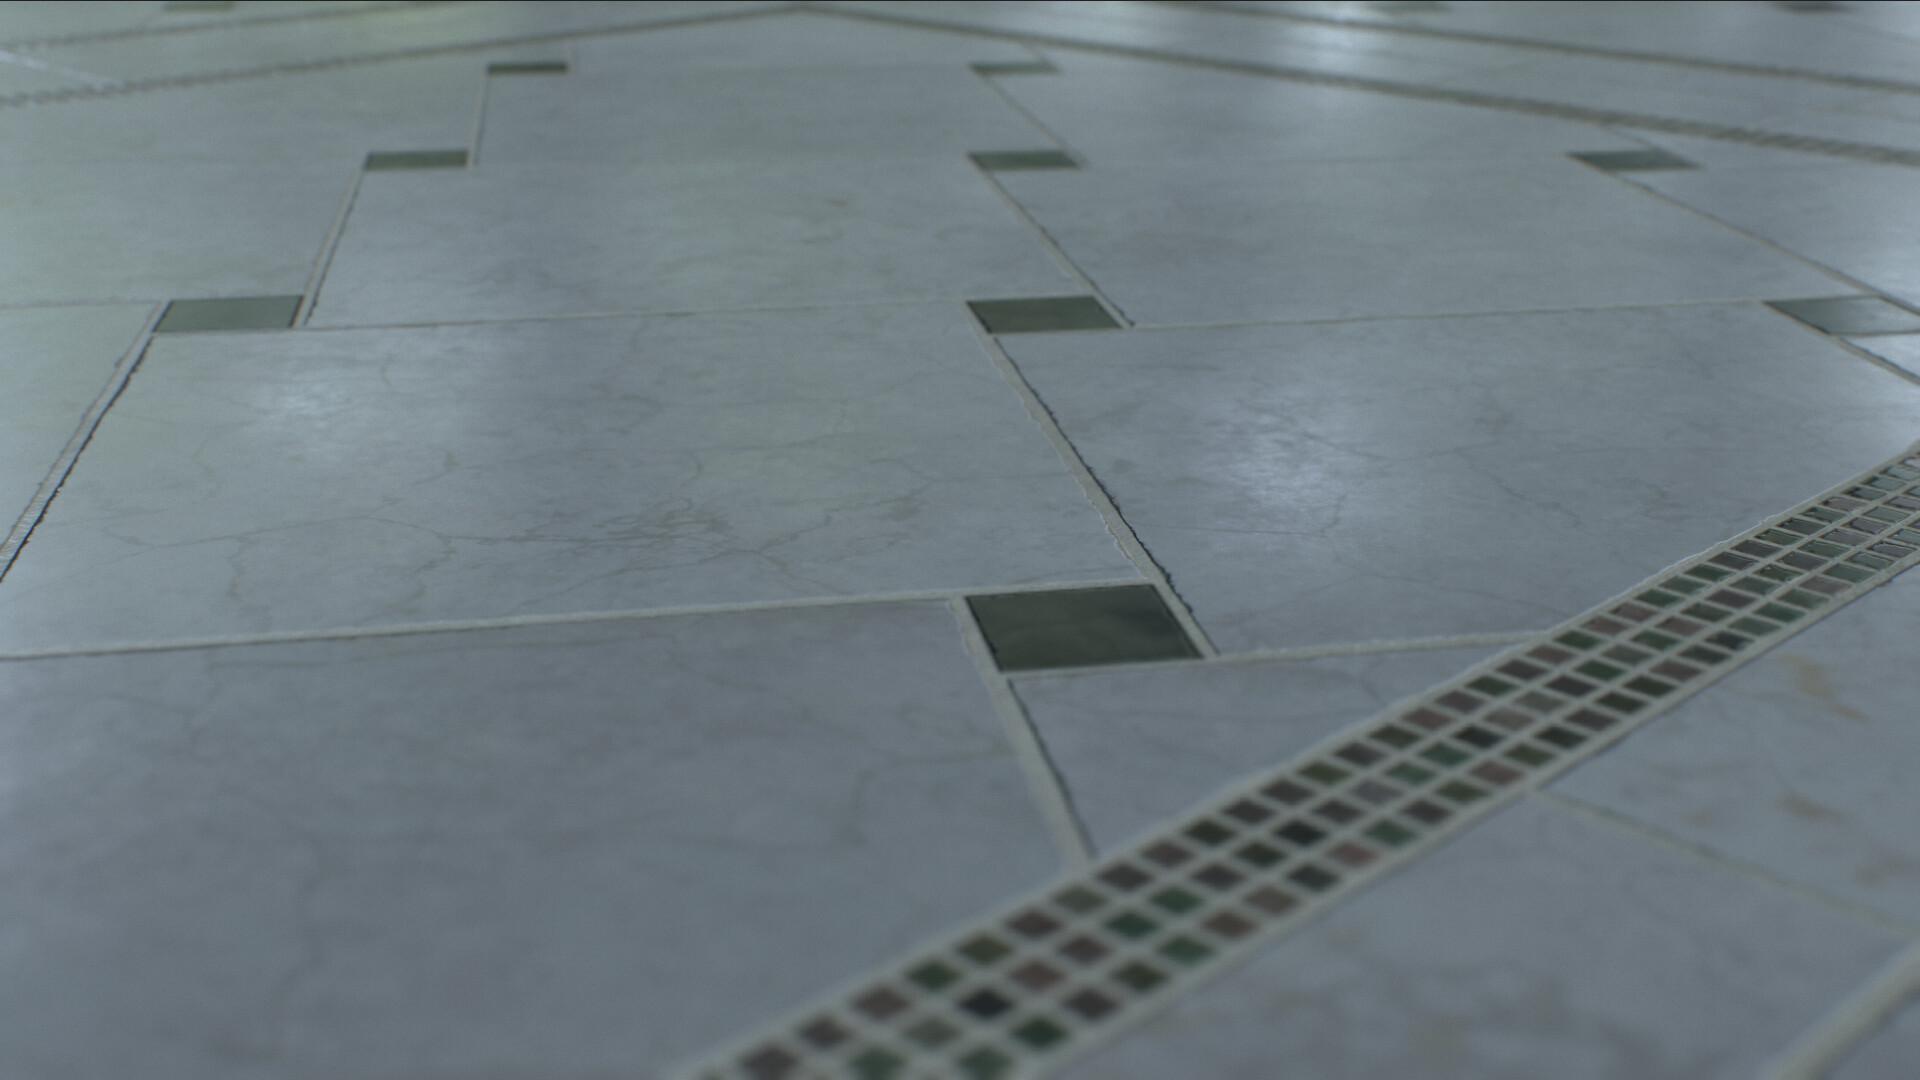 Jakub m marble tiles presentation 2